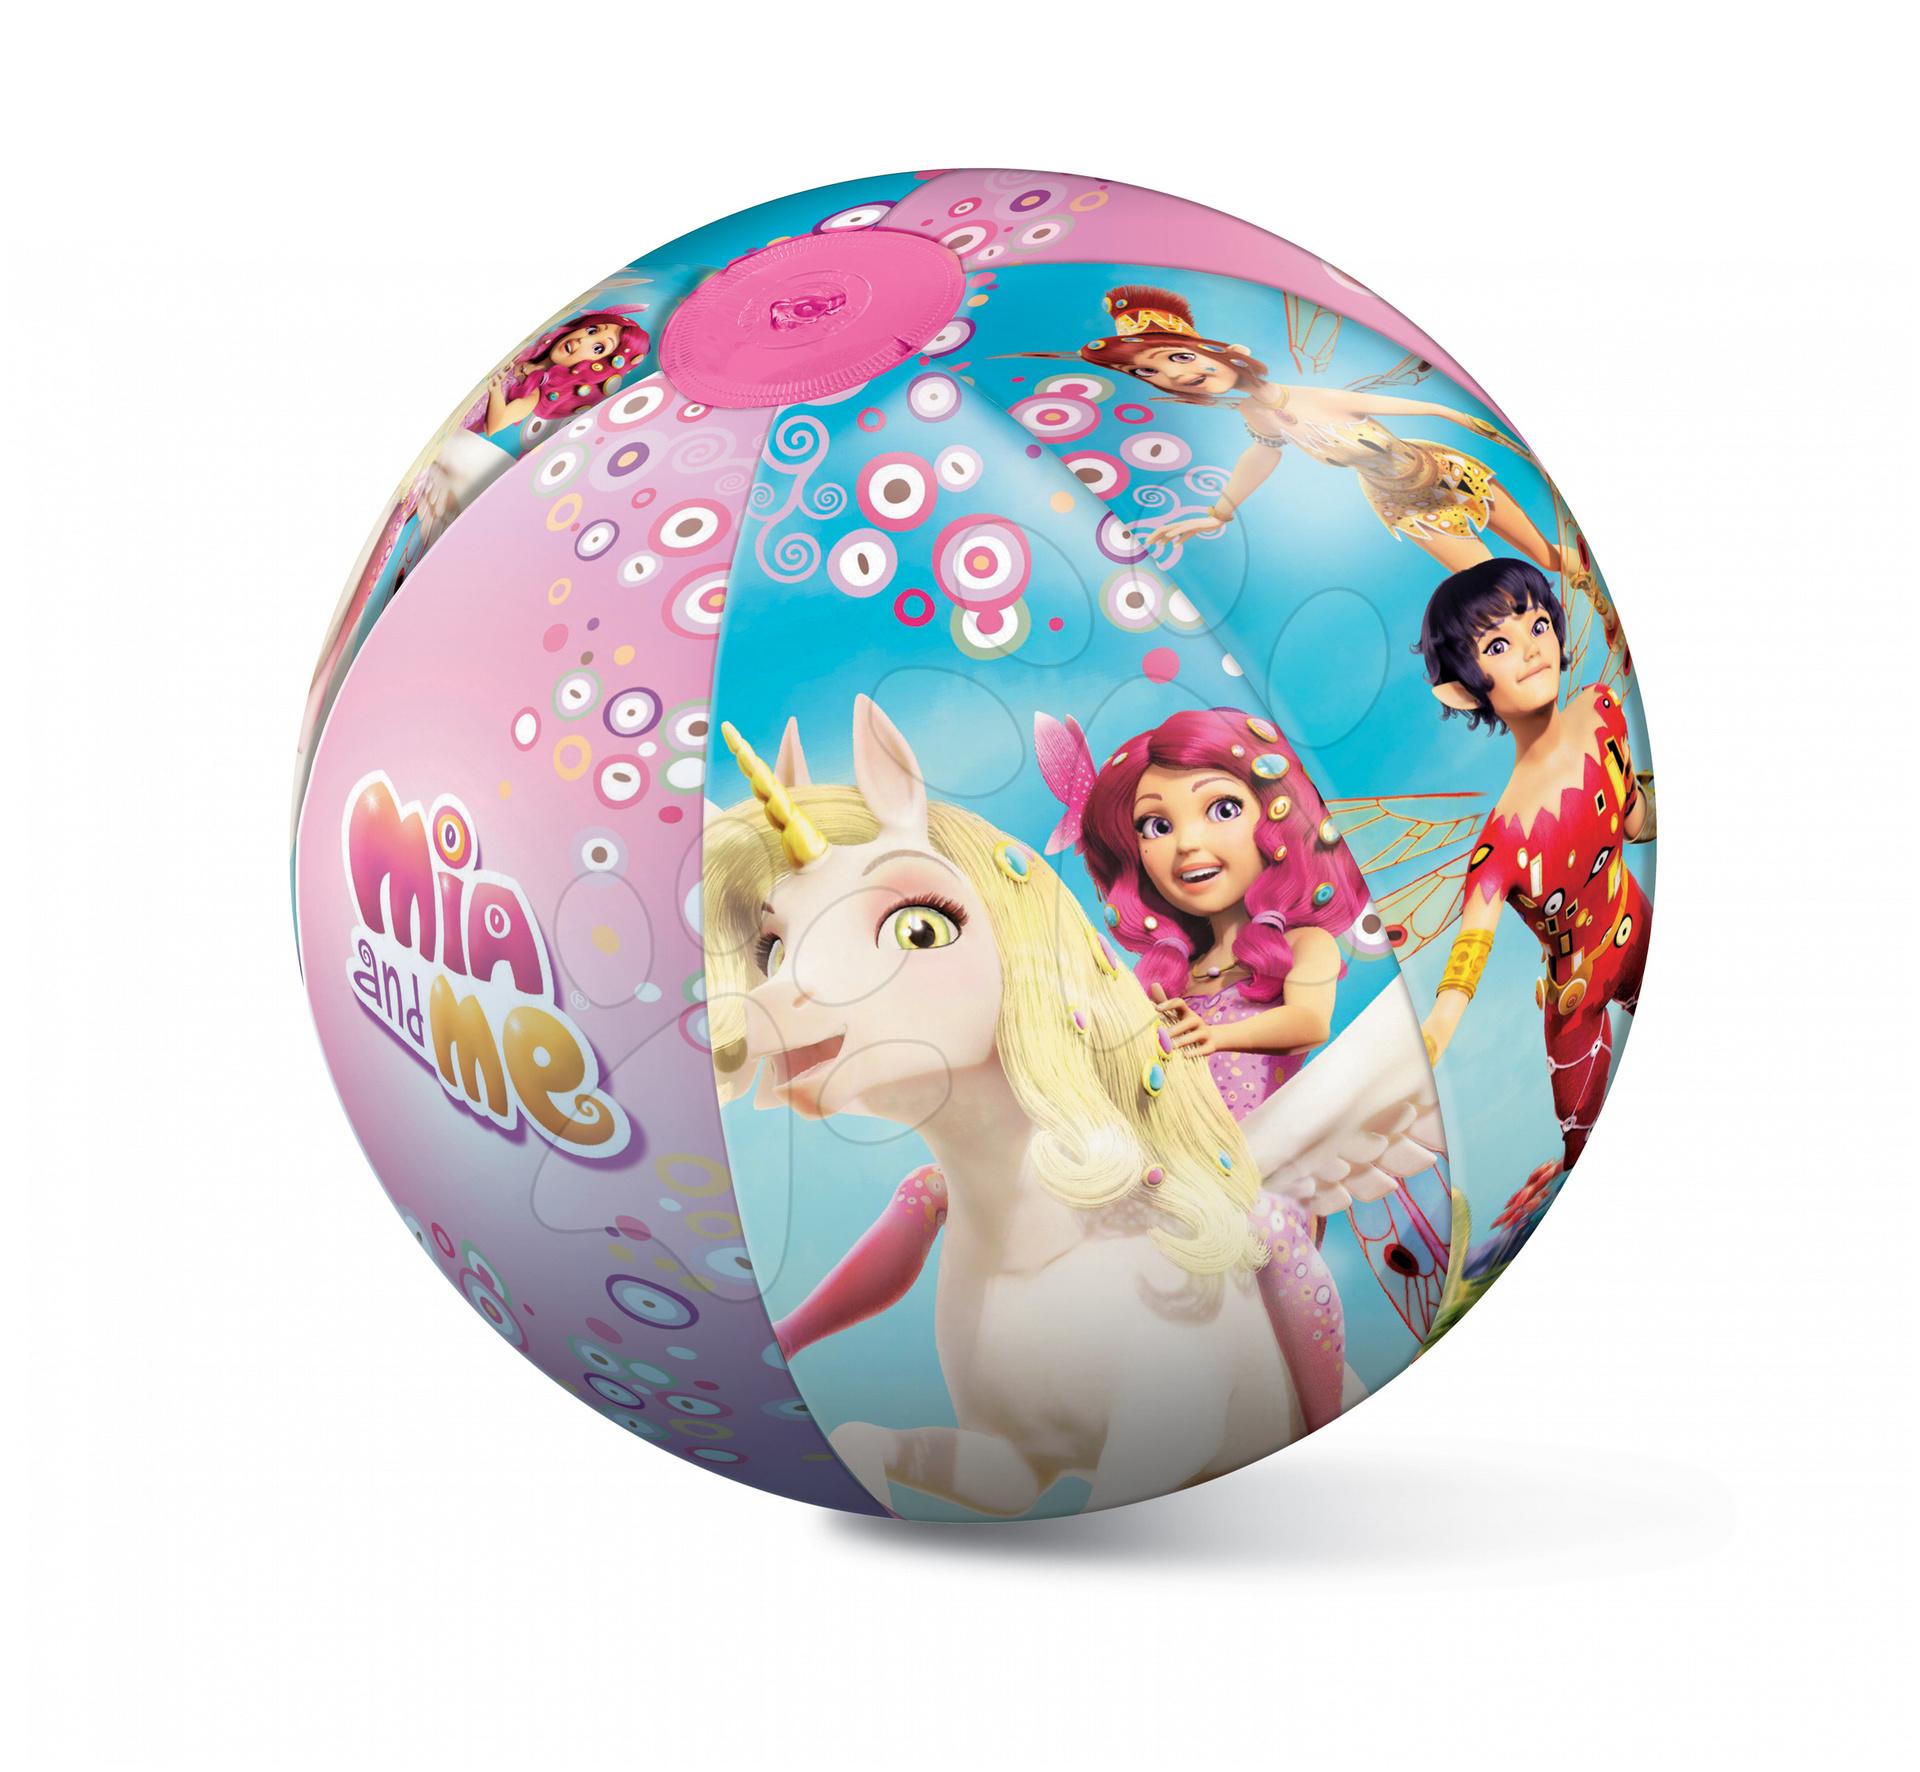 nafukovací míč na pláž Mia and Me Mondo 50 cm